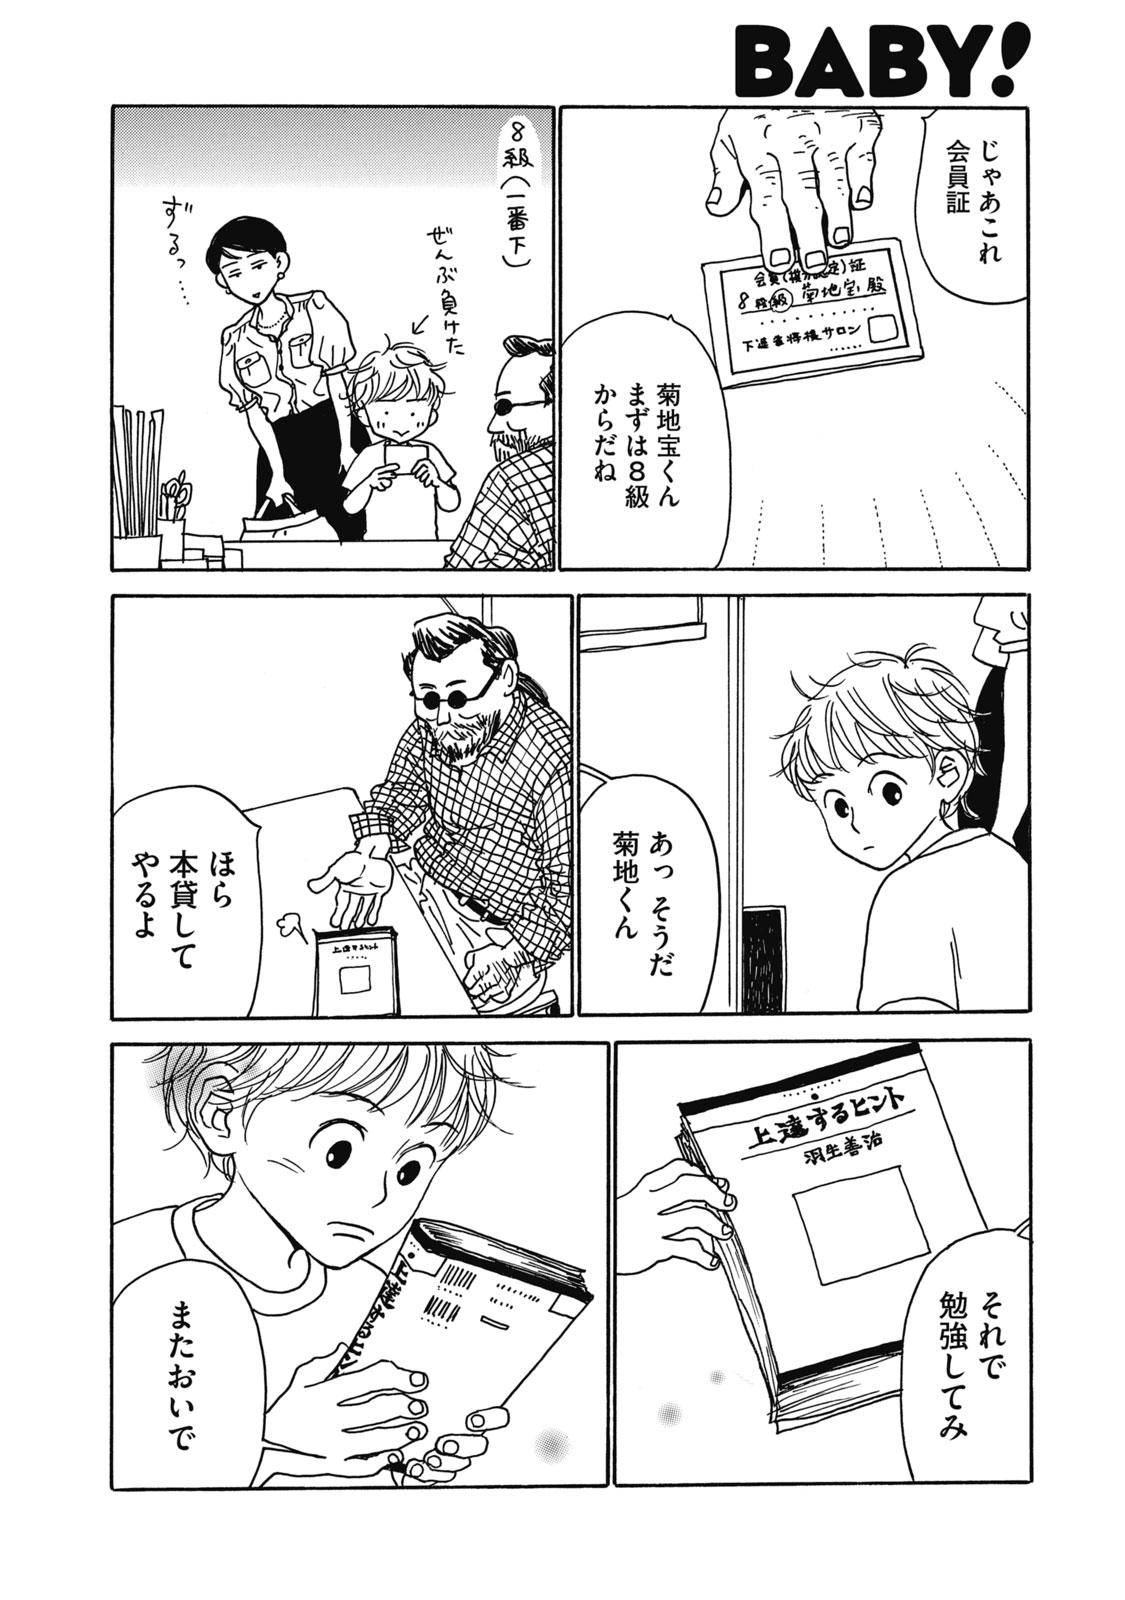 ファーストコンタクト!の巻『ひらけ駒! 第1話』